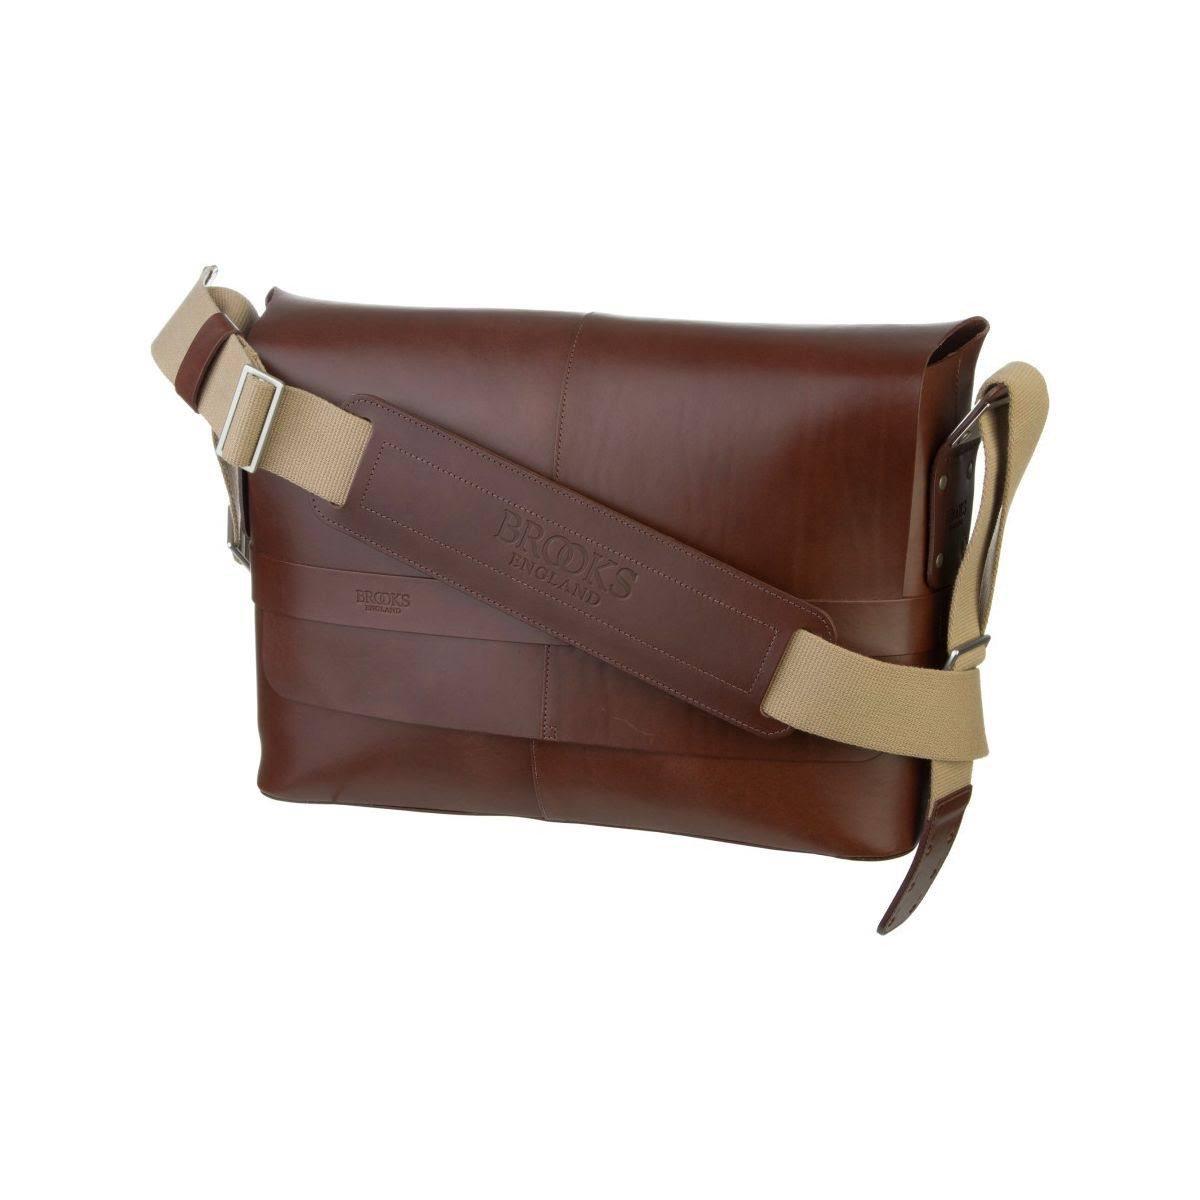 Brooks England Barbican Leather Shoulder Bag